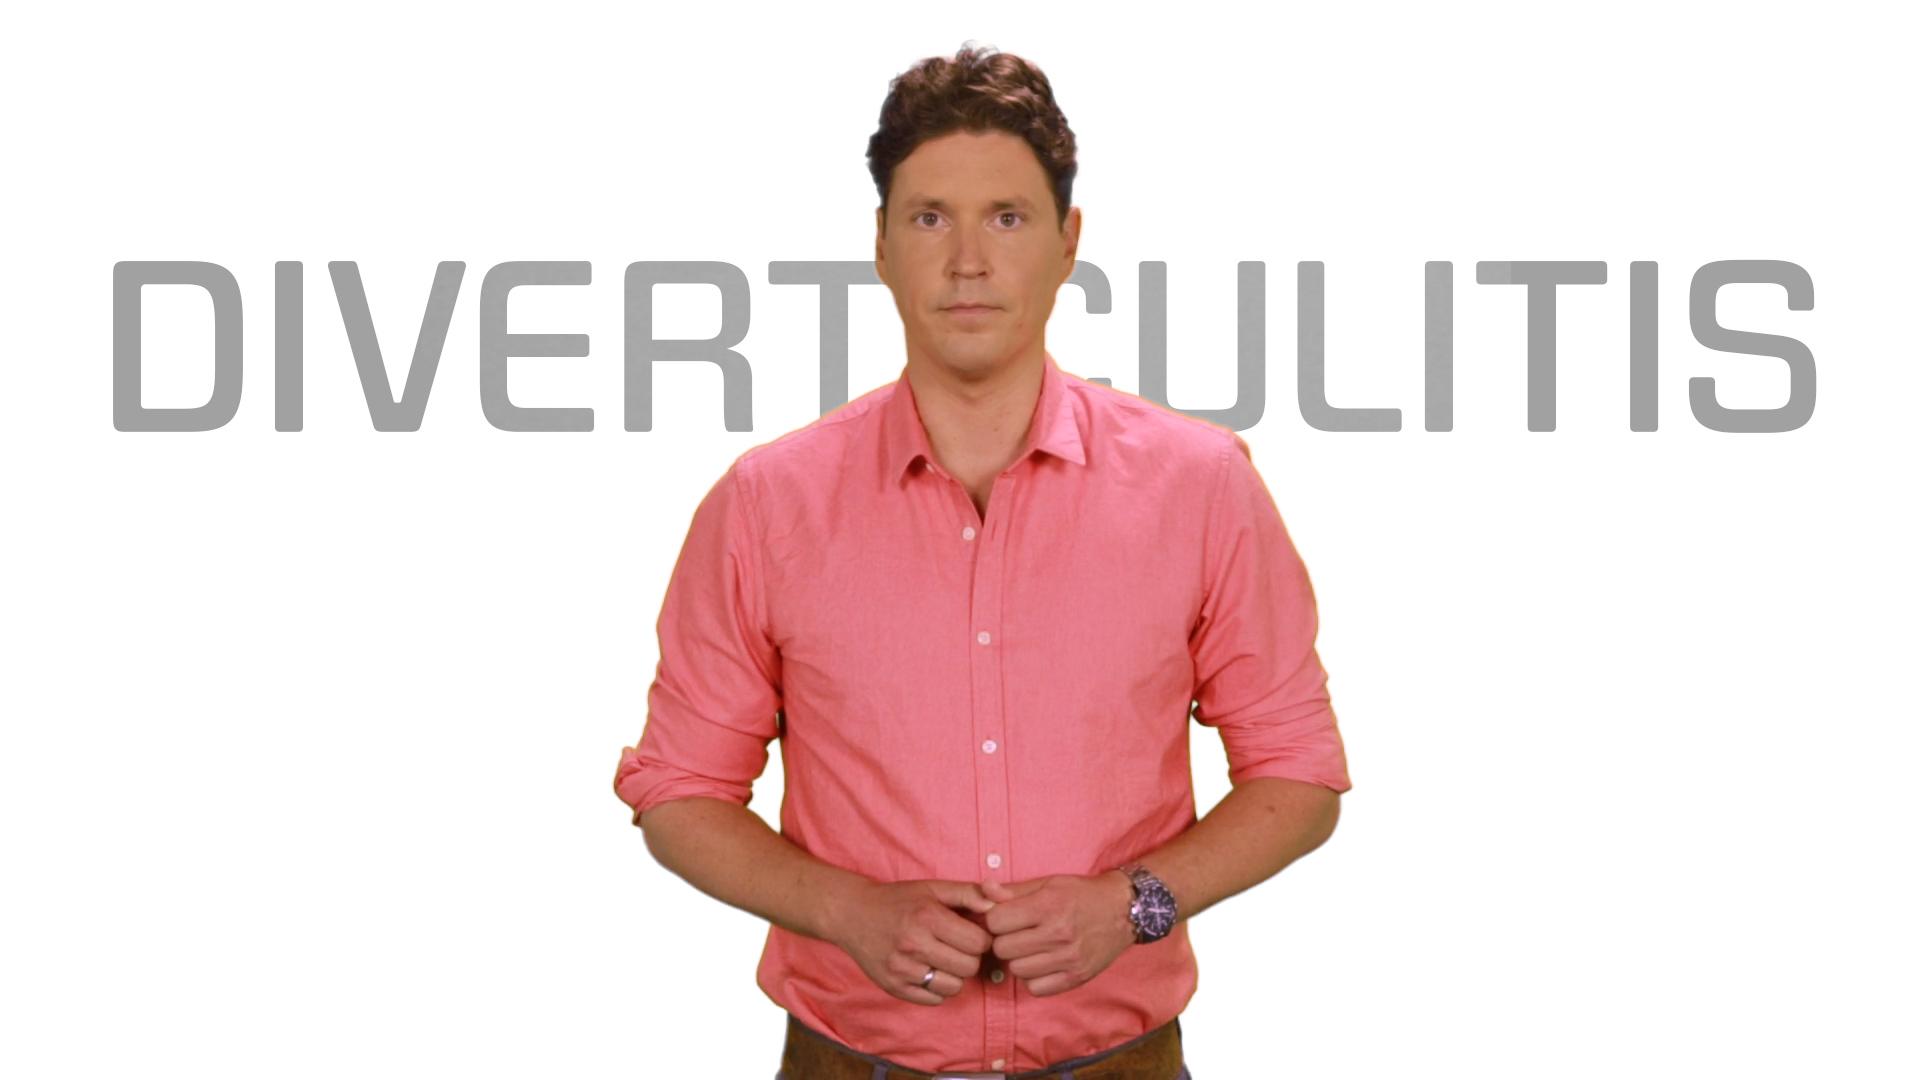 Bekijk de video: Diverticulitis